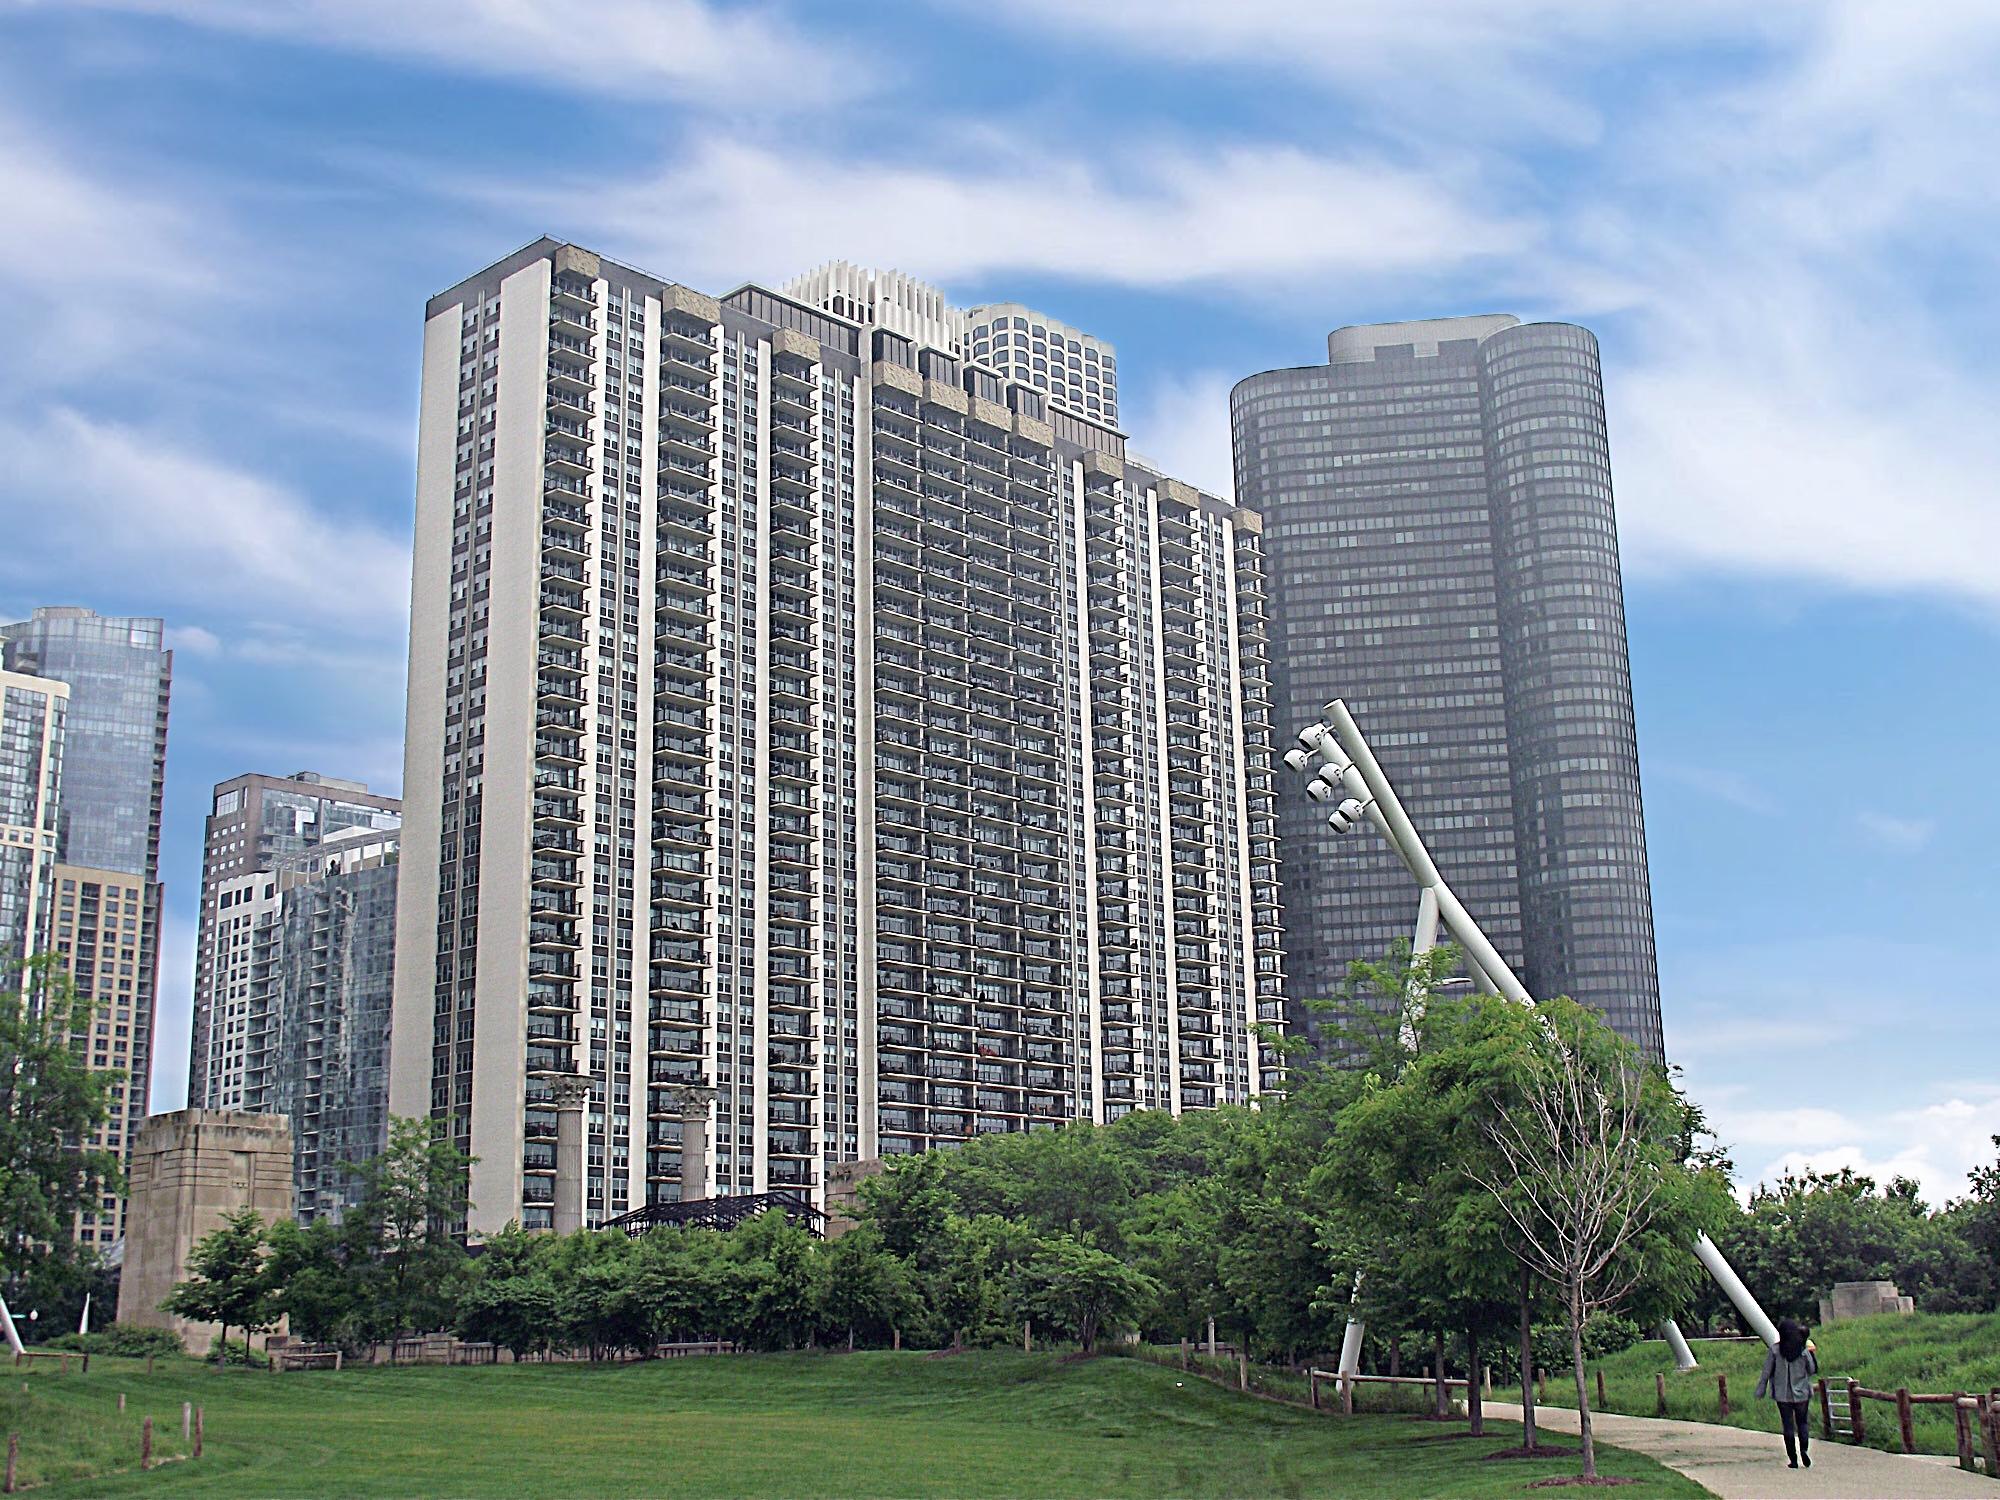 400 E. Randolph Chicago